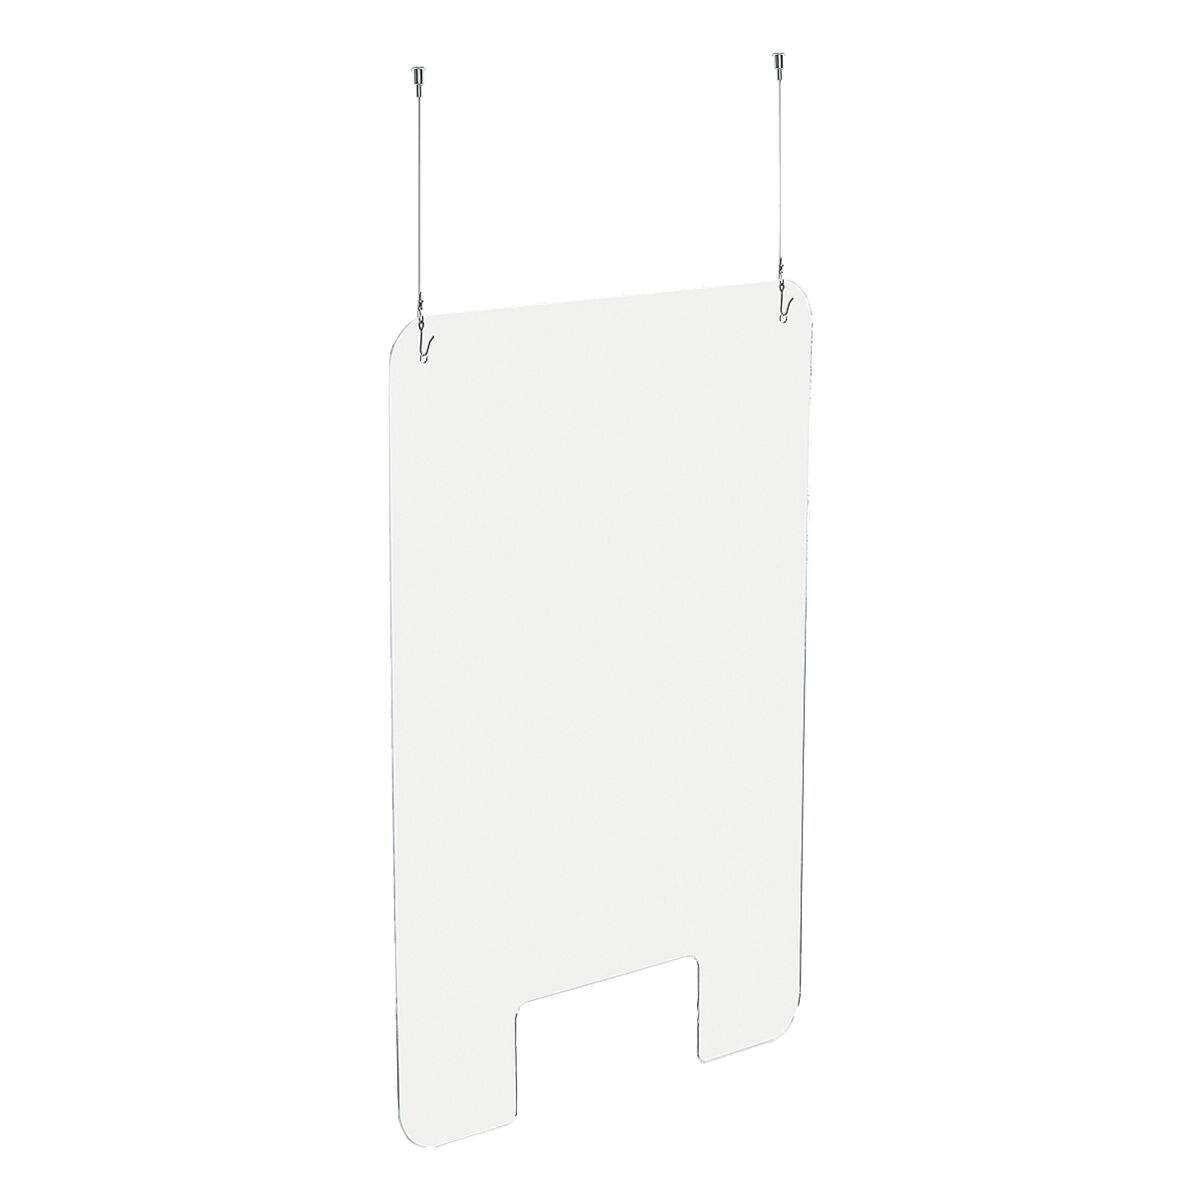 EXACOMPTA Nies- und Spuckschutz / Trennwand »Exascreen« zum Aufhängen 66 x 99 cm mit Befestigungsset